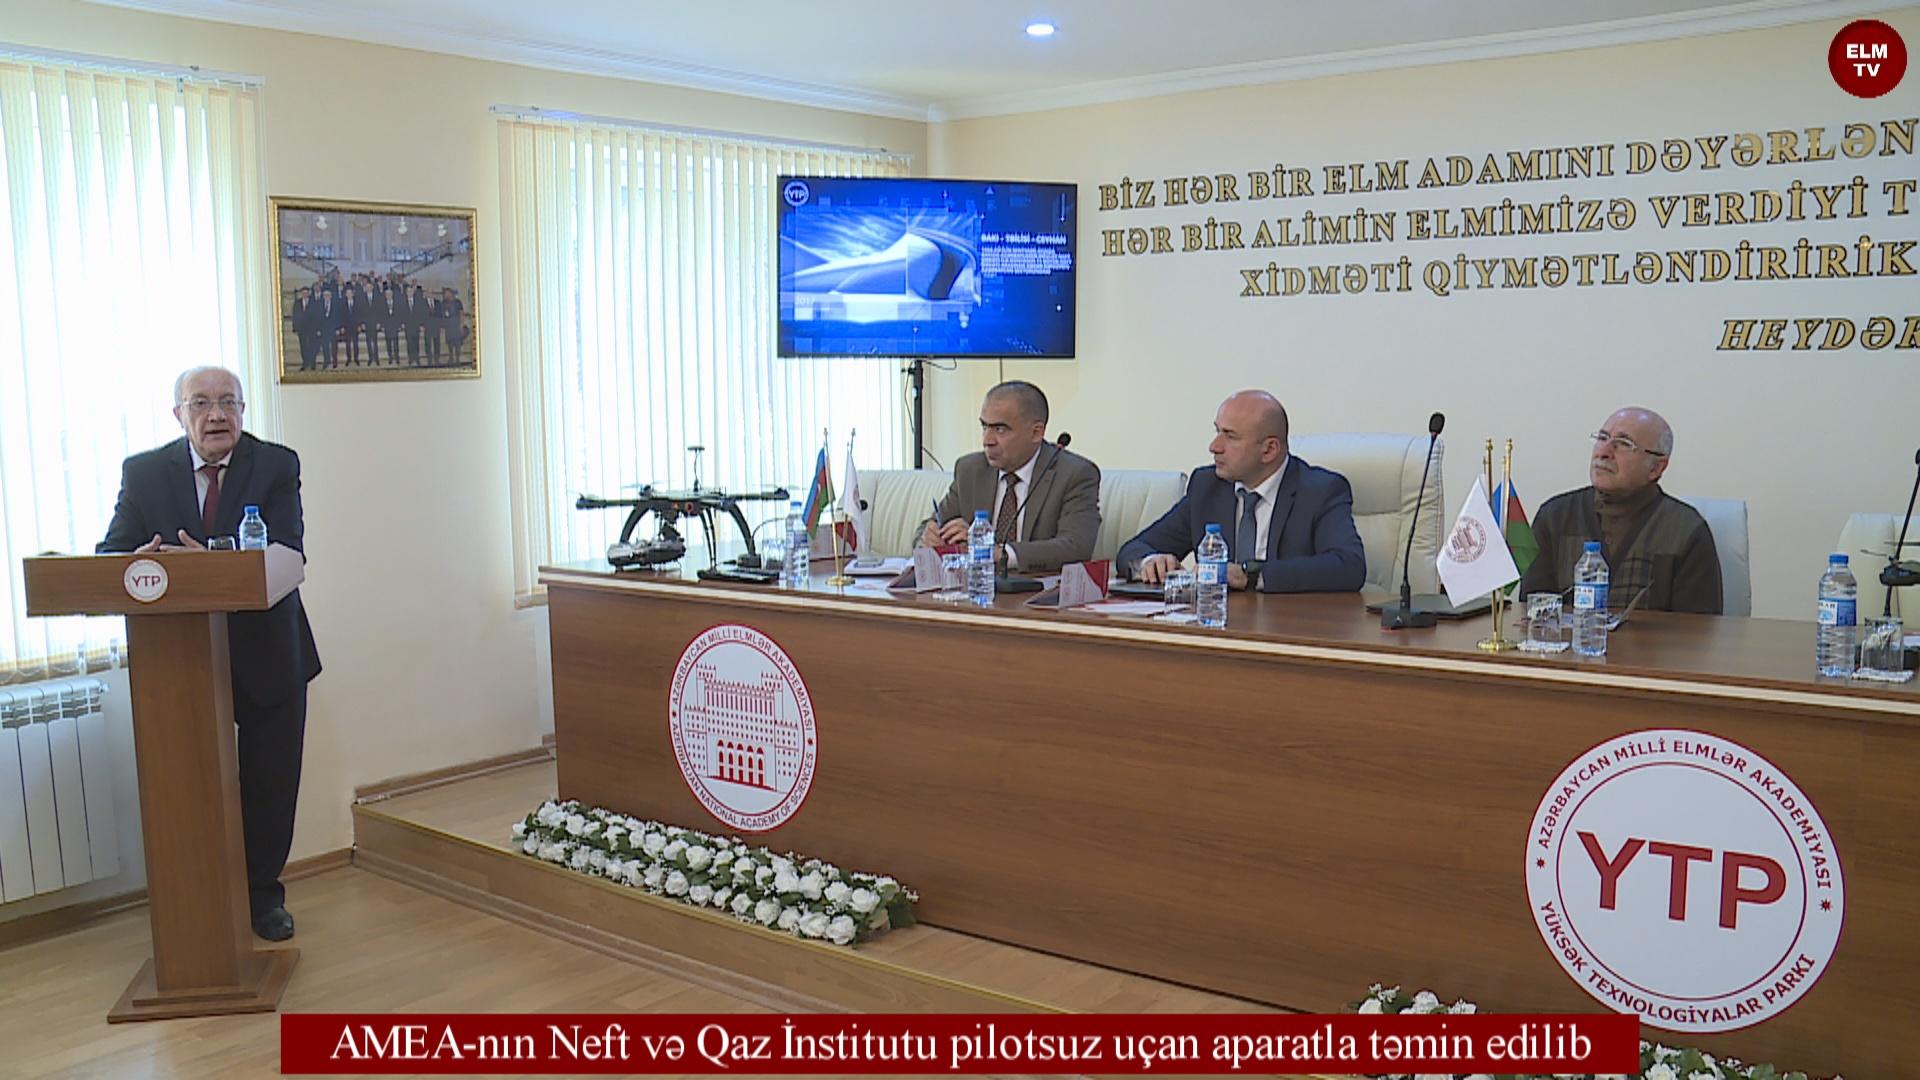 AMEA-nın Neft və Qaz İnstitutu pilotsuz uçan aparatla təmin edilib